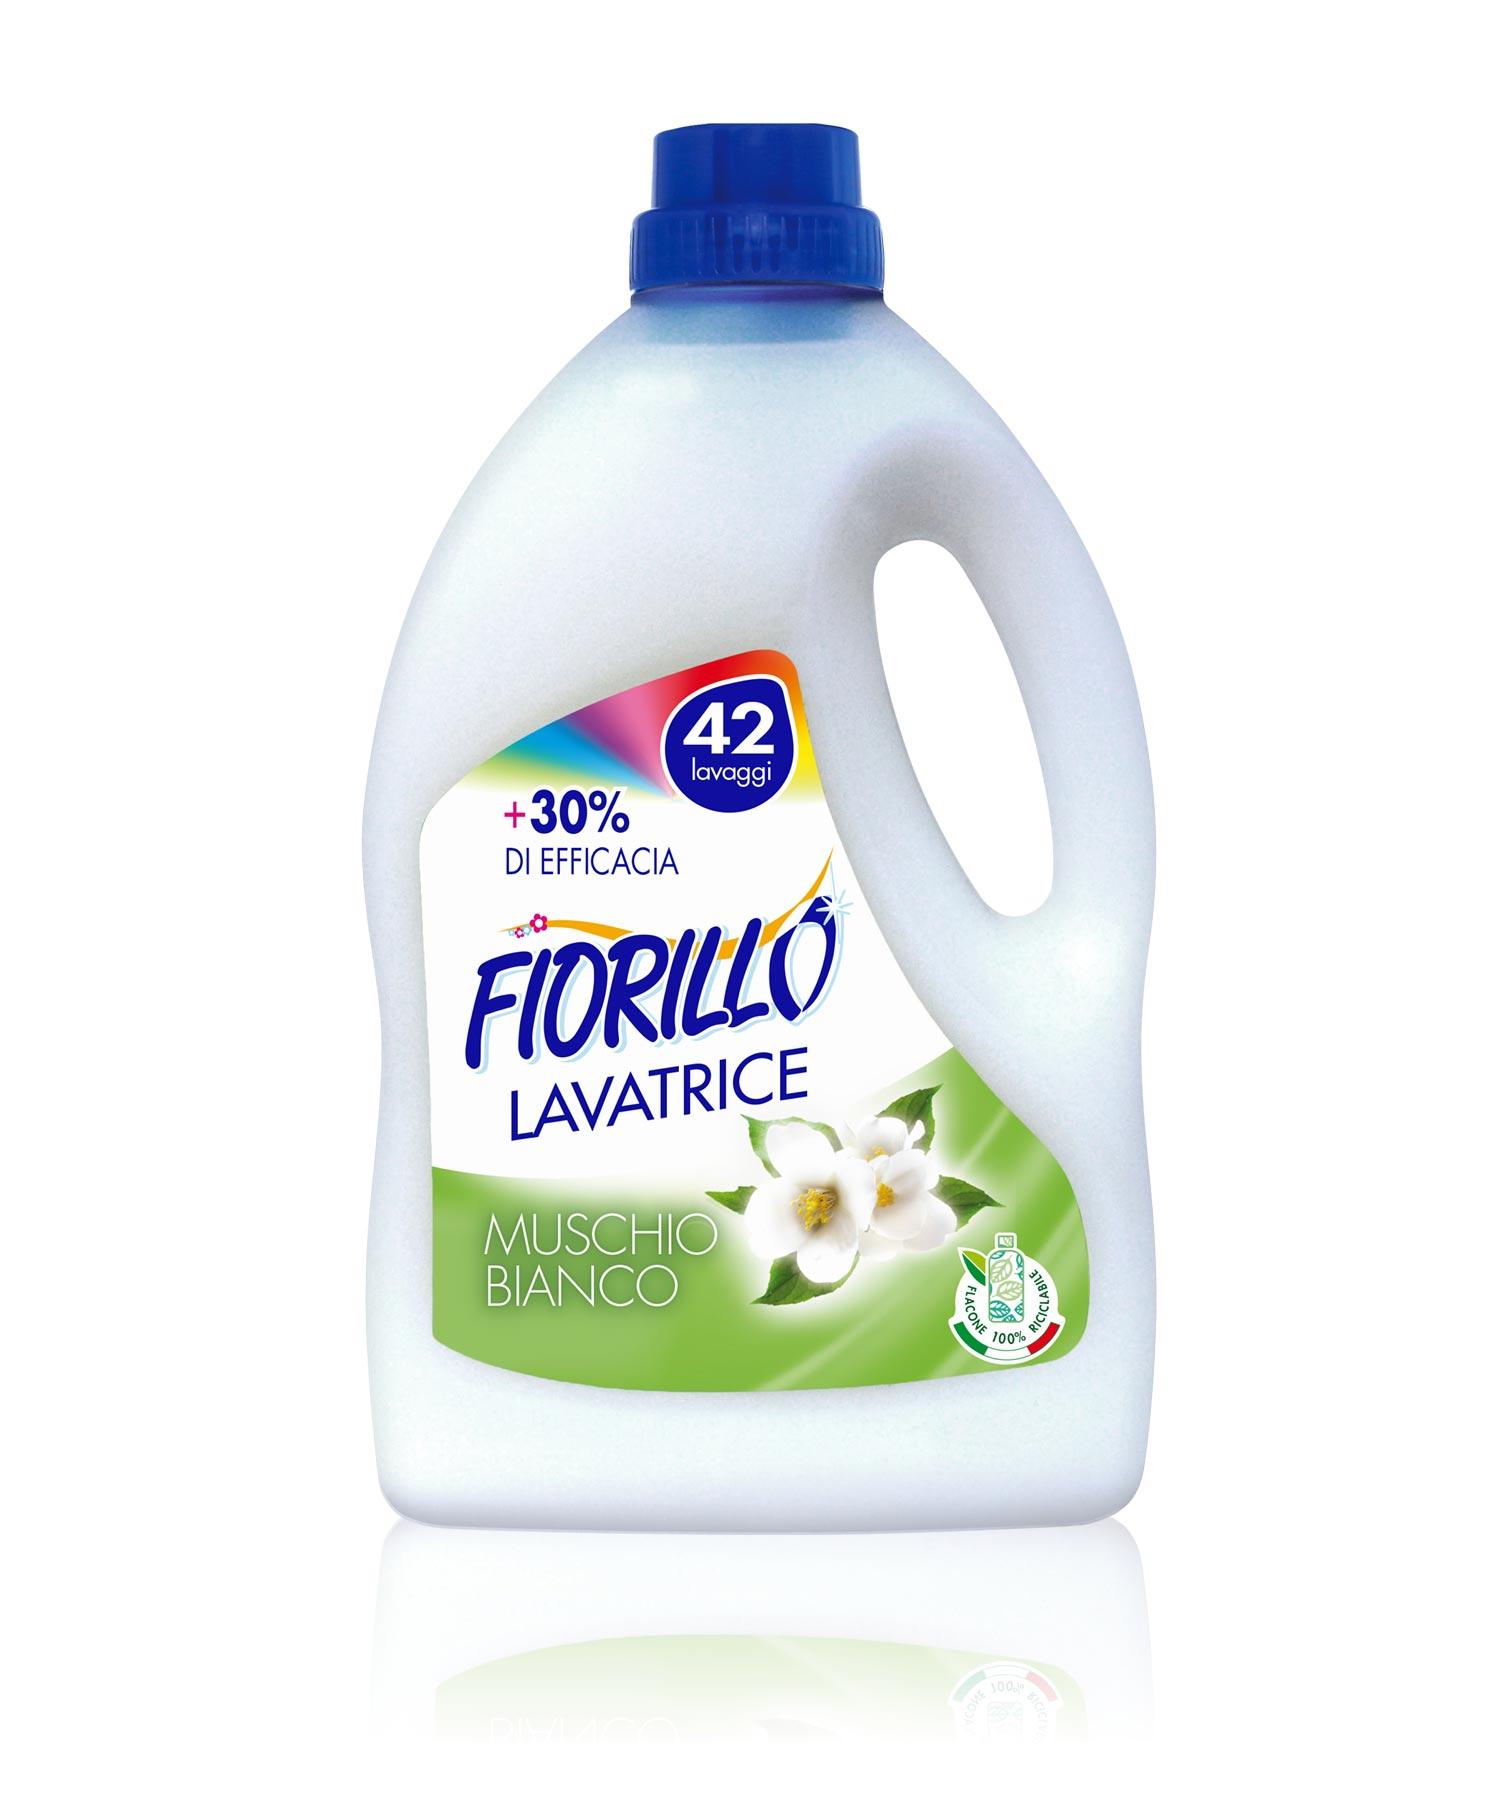 fiorillo detersivo lavatrice muschio bianco 2500 ml